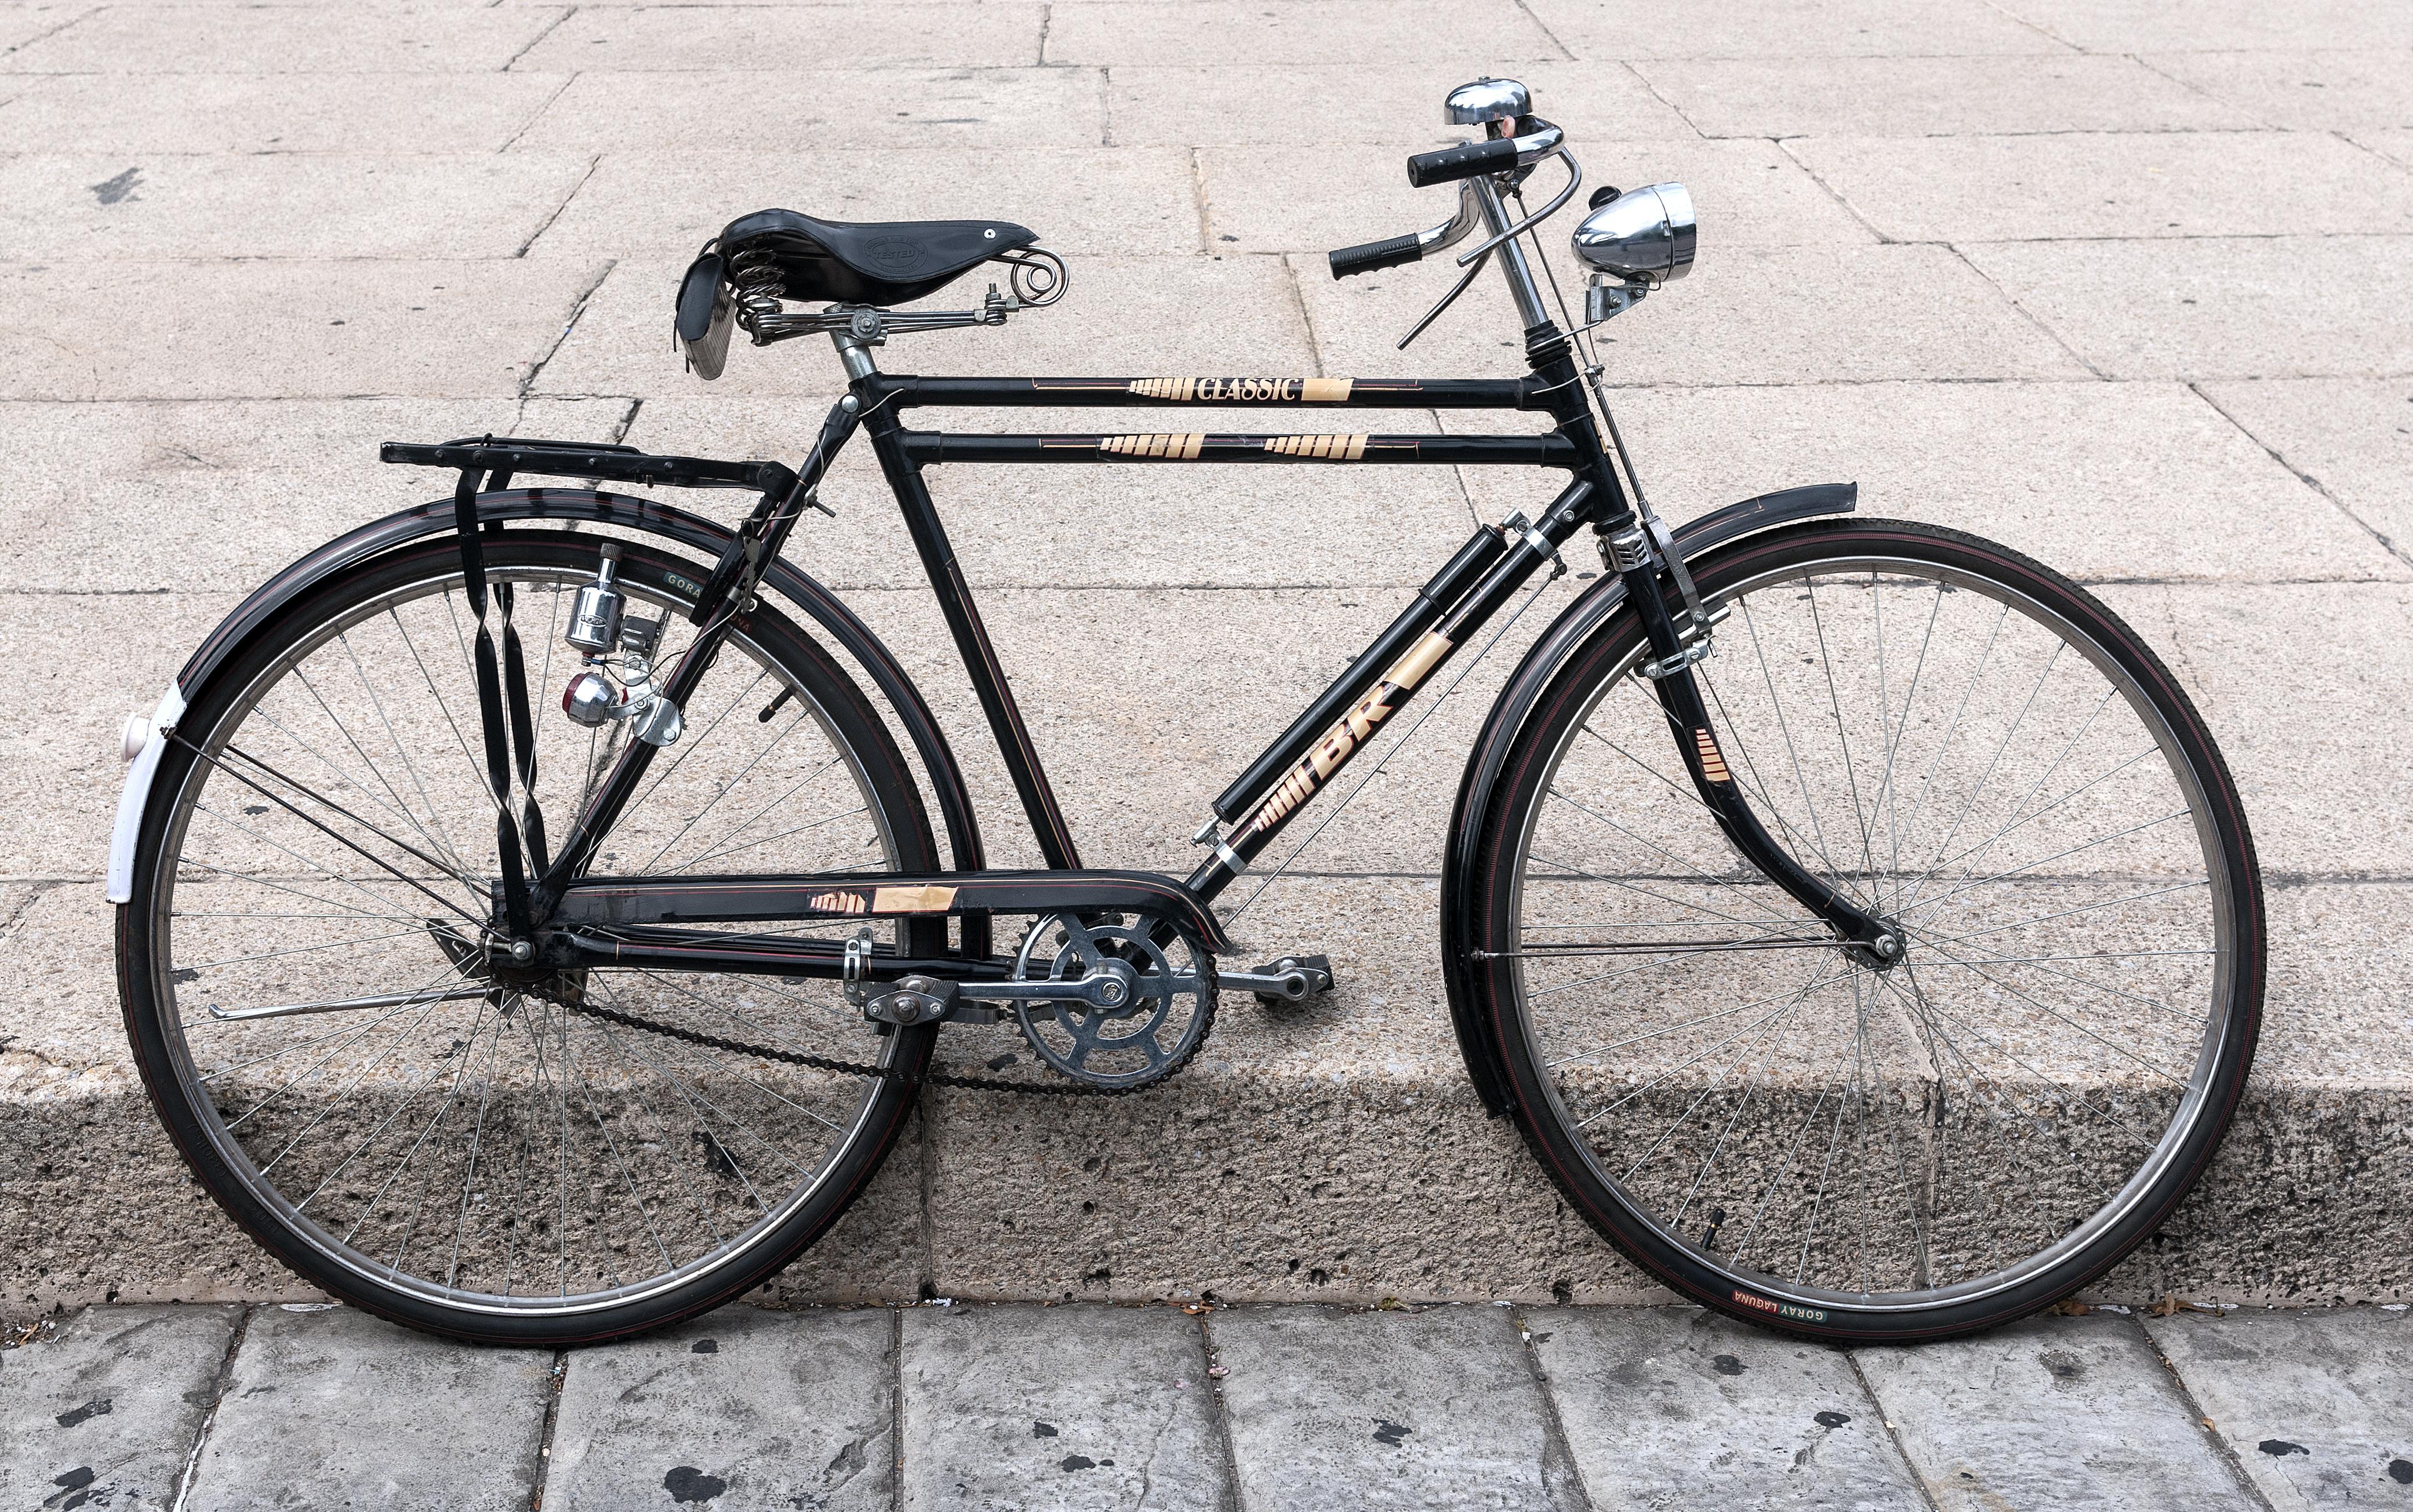 15-07-12-Ciclistas-en-Mexico-RalfR-N3S 8973.jpg